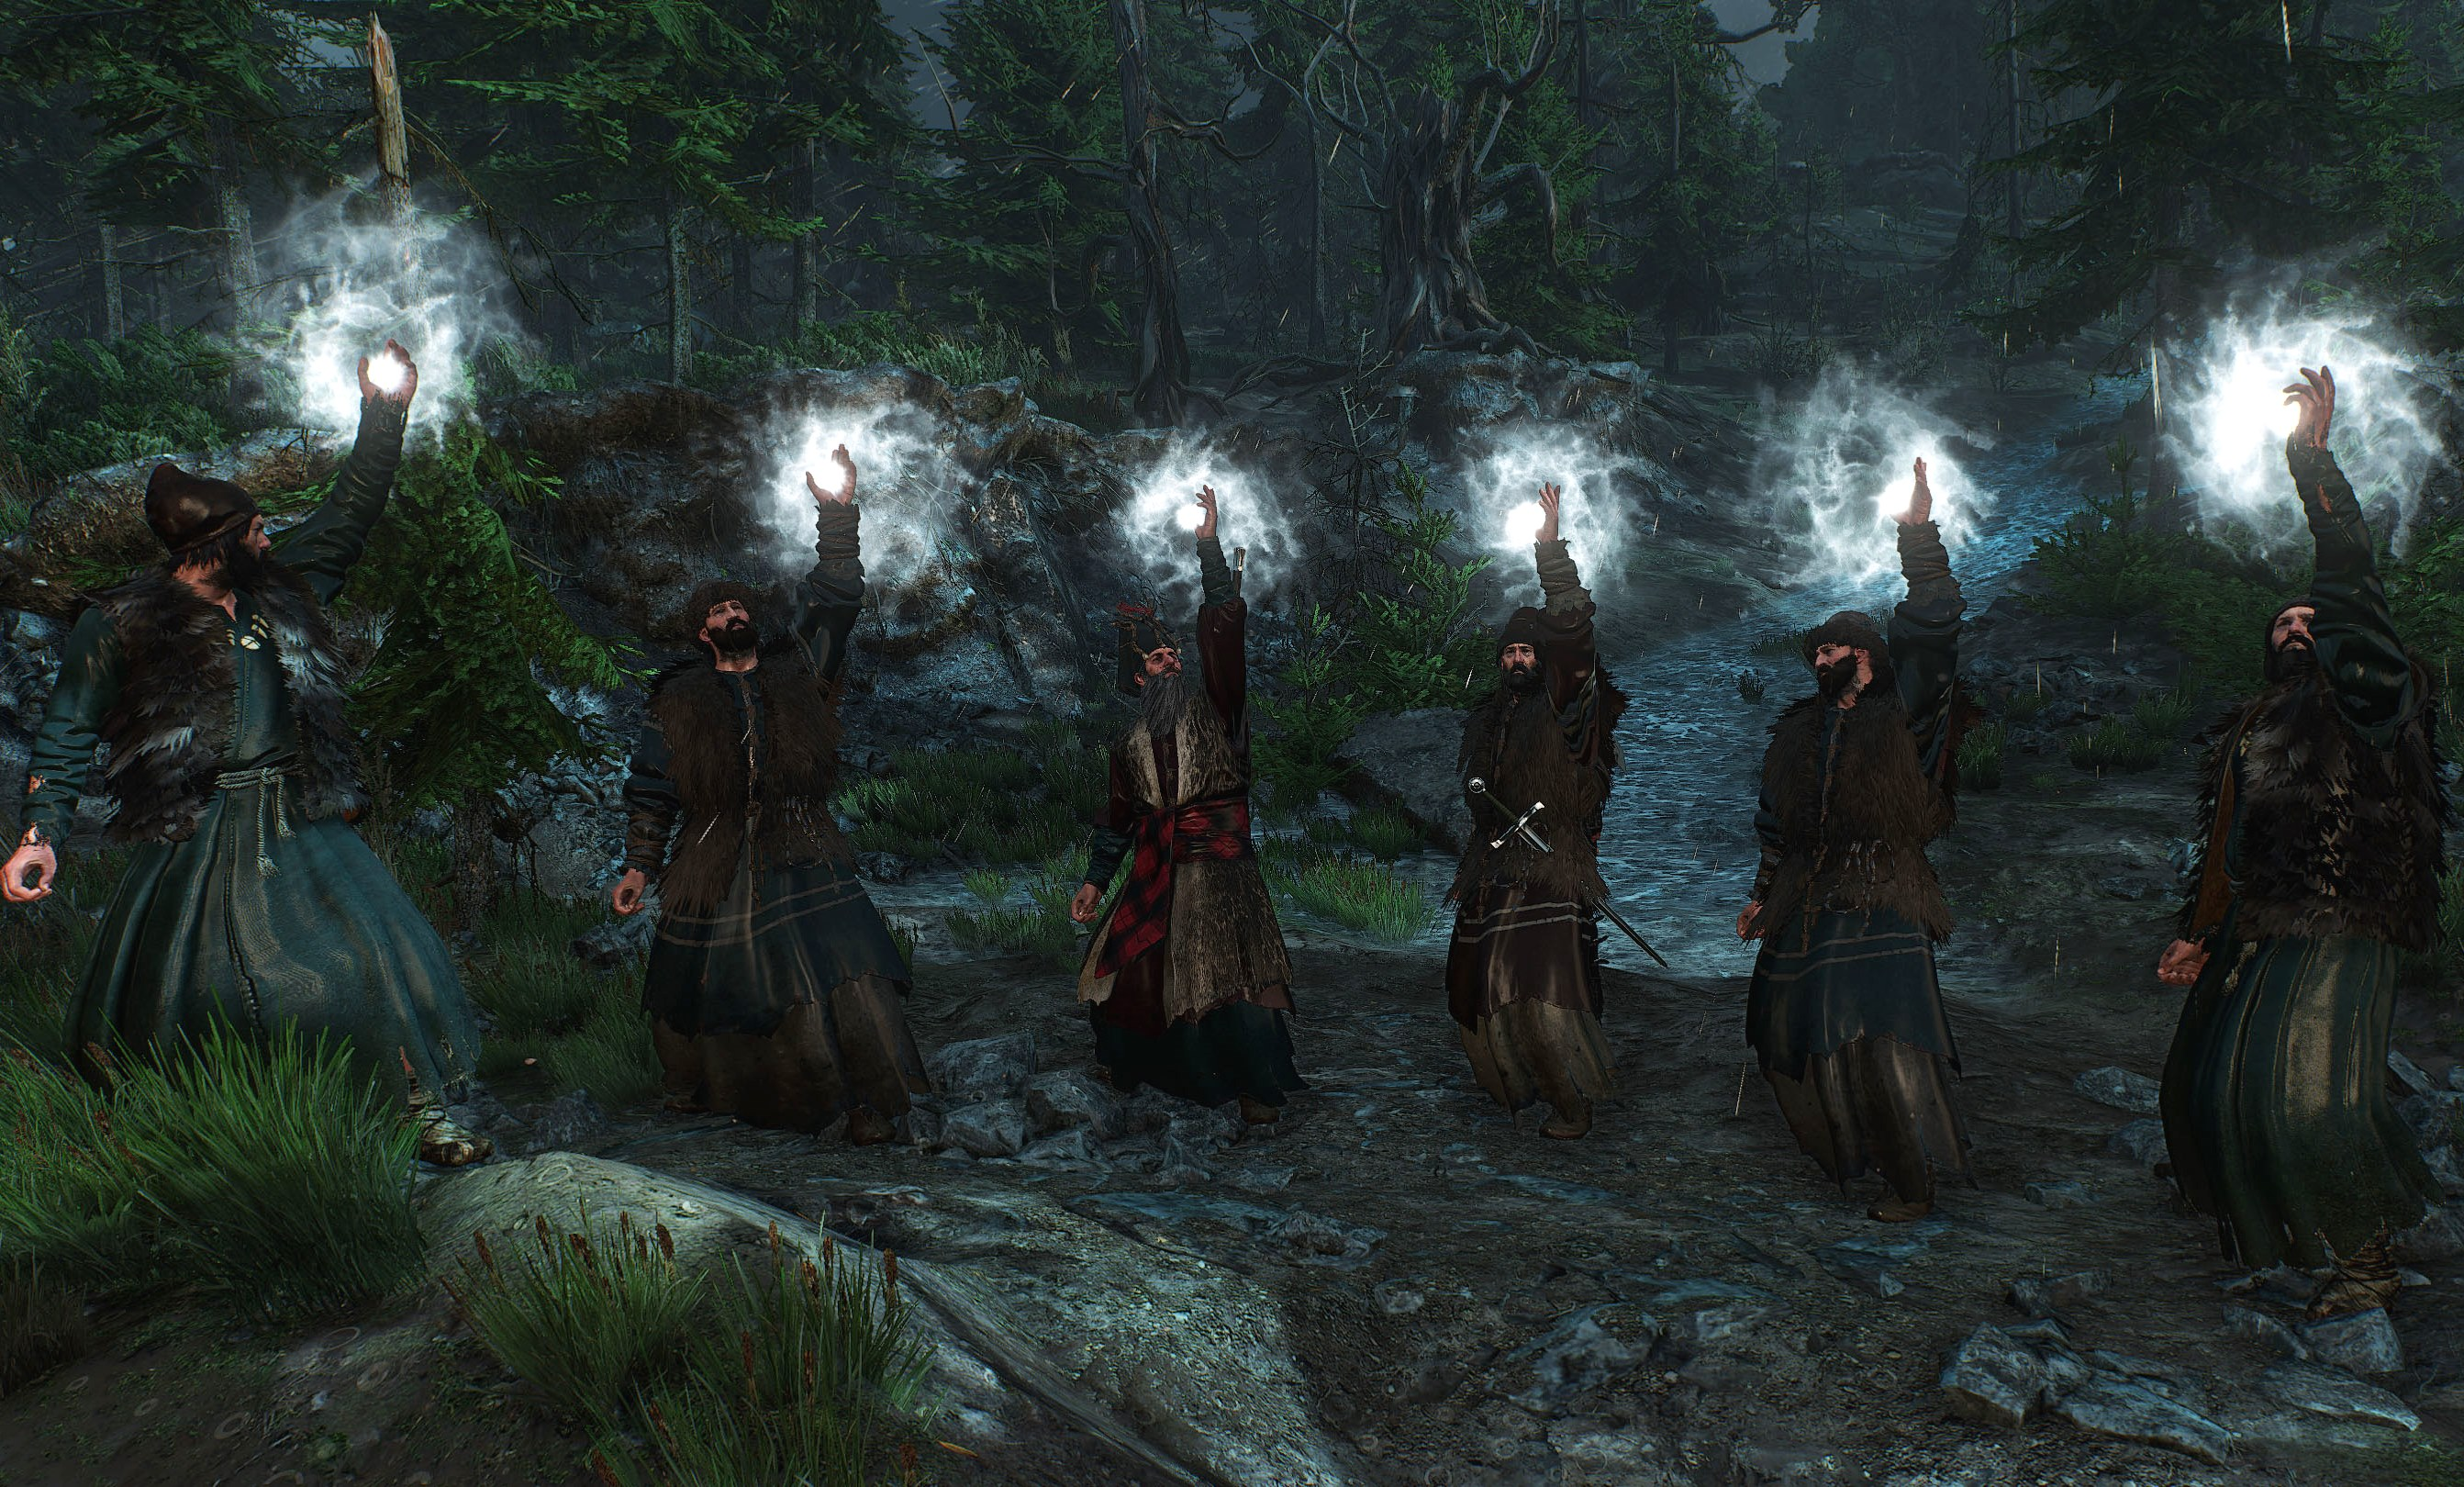 Друиды_скеллиге.jpg - Witcher 3: Wild Hunt, the